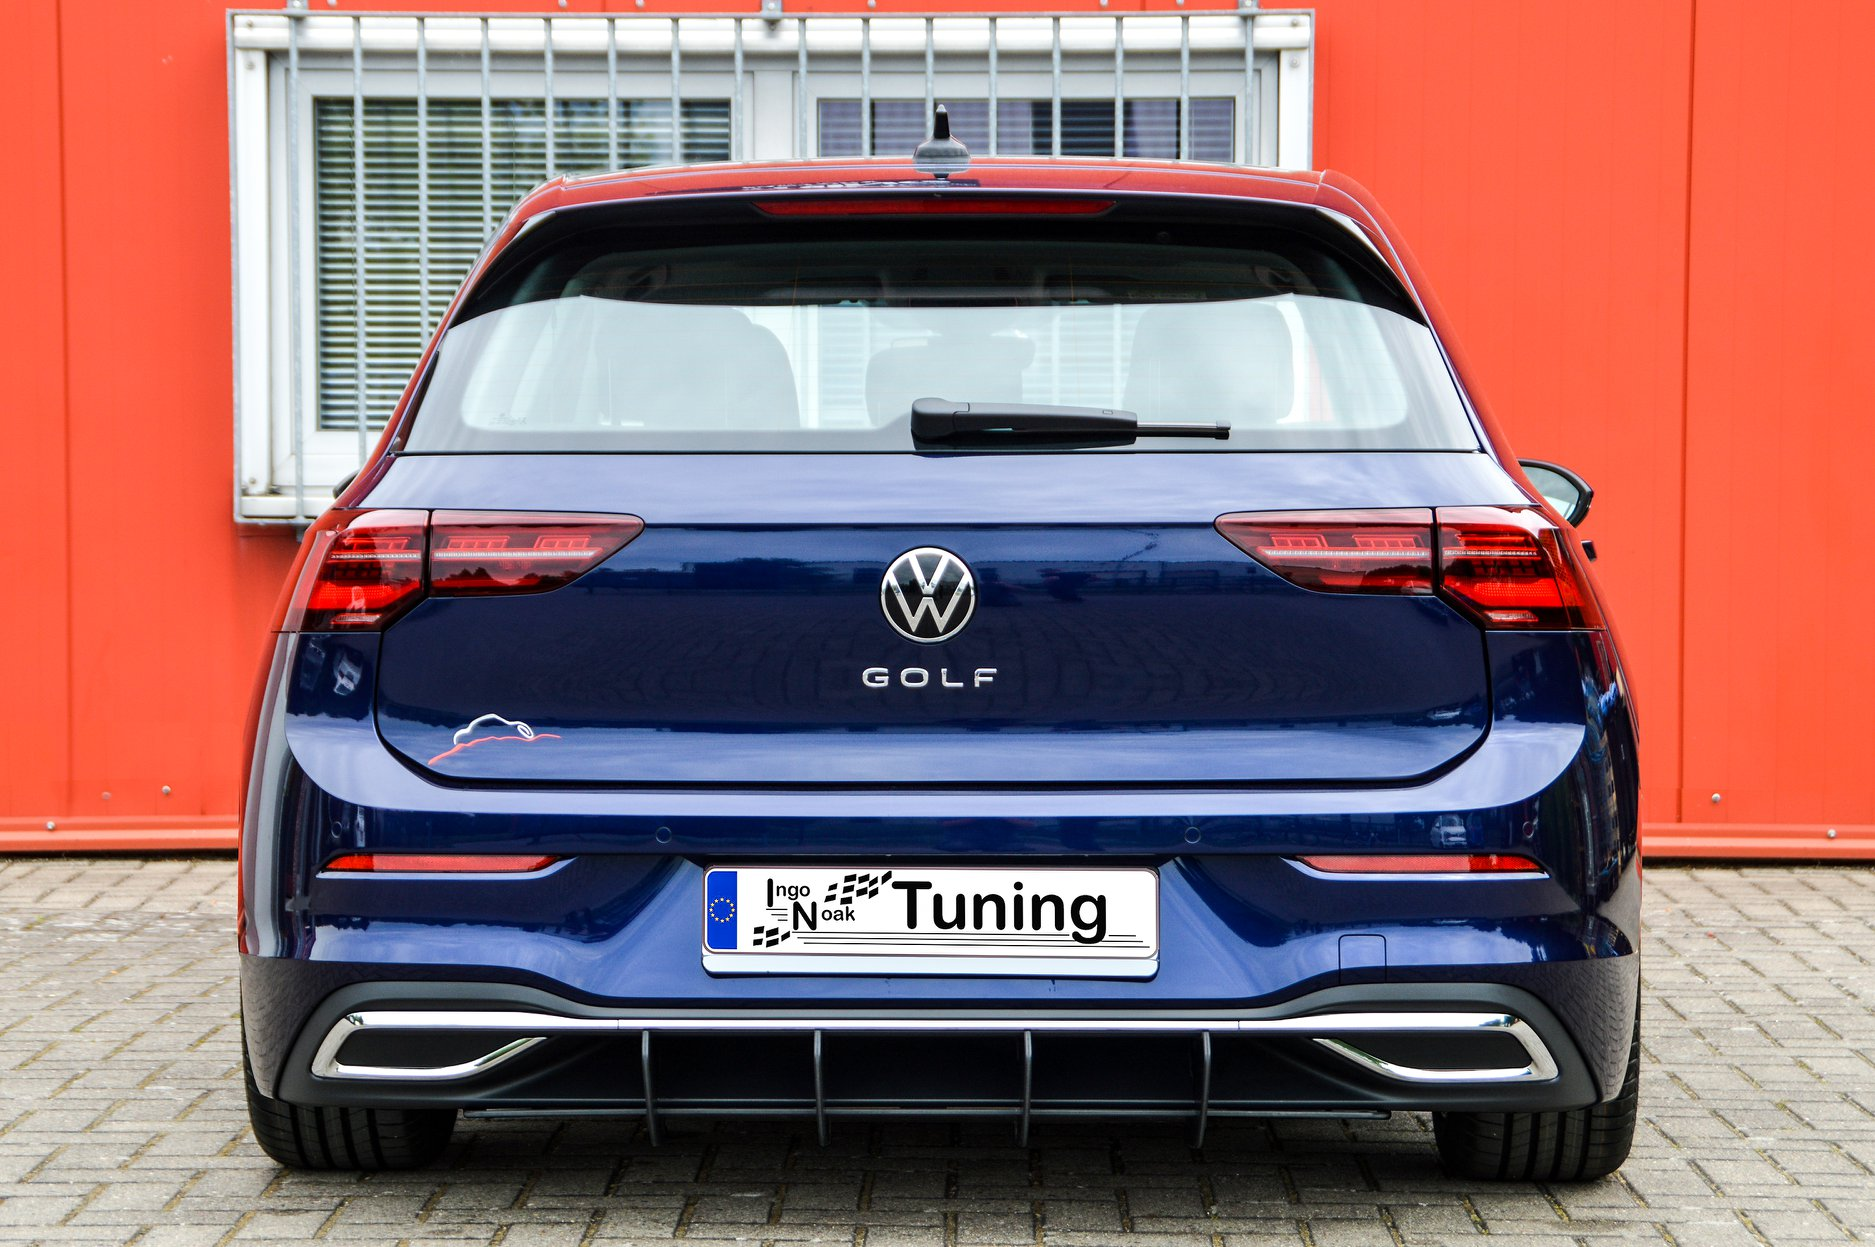 Volkswagen-Golf-8-by-Ingo-Noak-Tuning-6